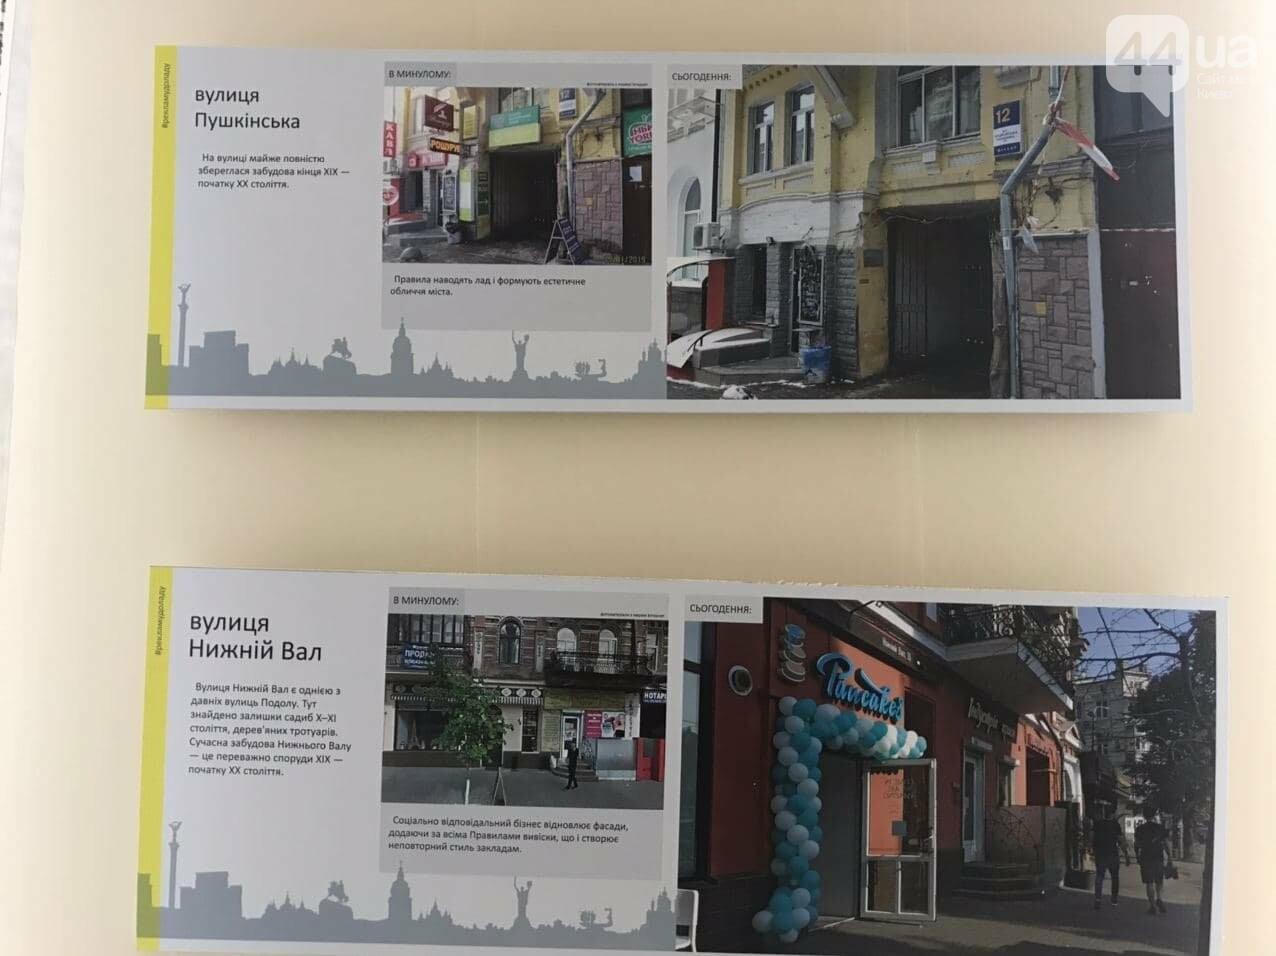 Киев в билбордах и вывесках: почему столица утопает в хаотичной рекламе и как этому помешать, фото-1